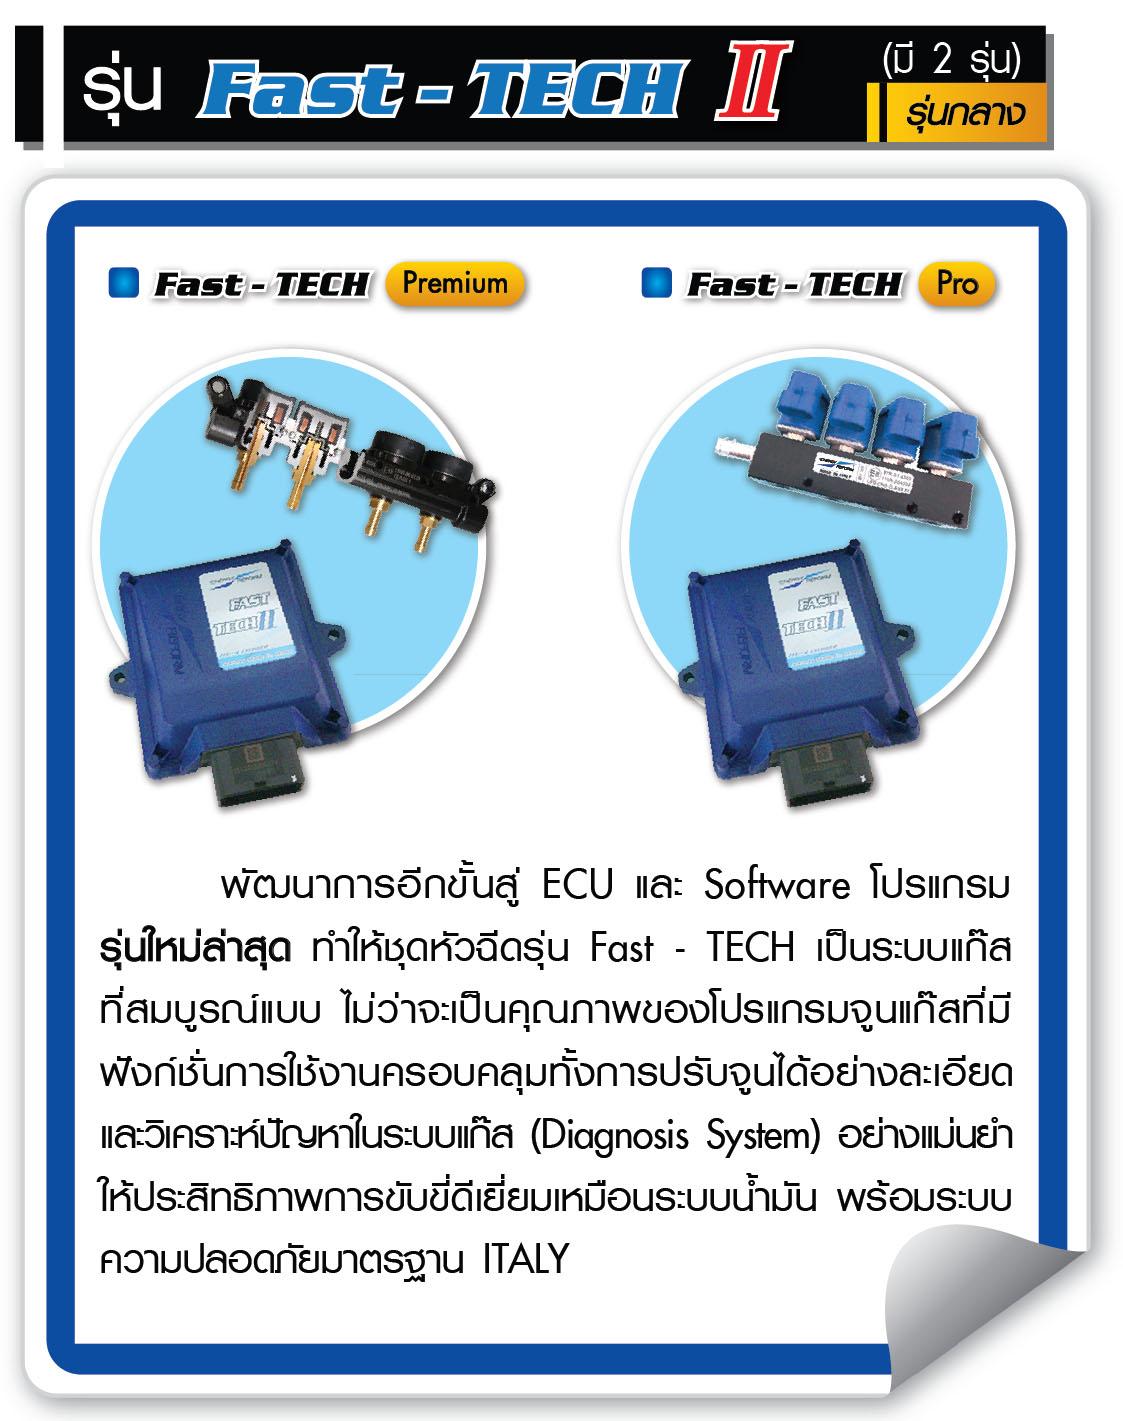 อุปกรณ์แก๊ส LPG ระบบหัวฉีด รุ่น Fast-TECH II